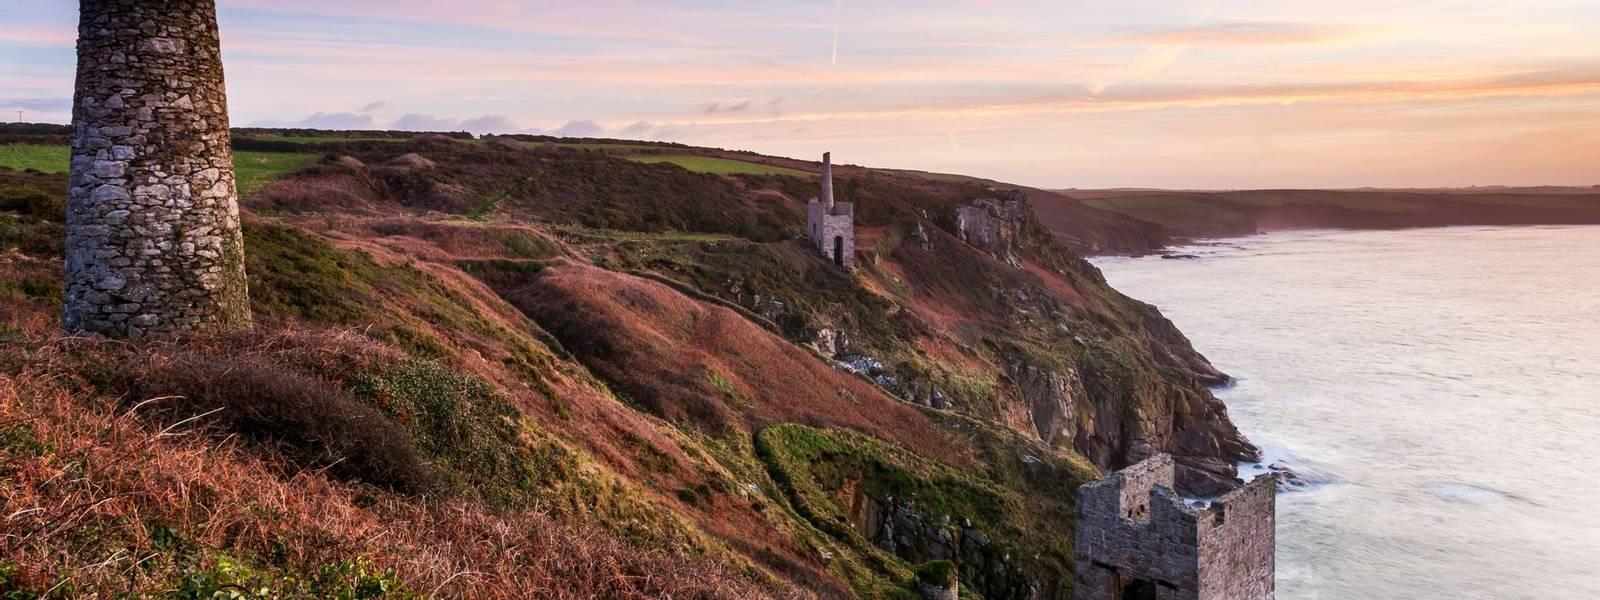 Trewavas Head Cornwall